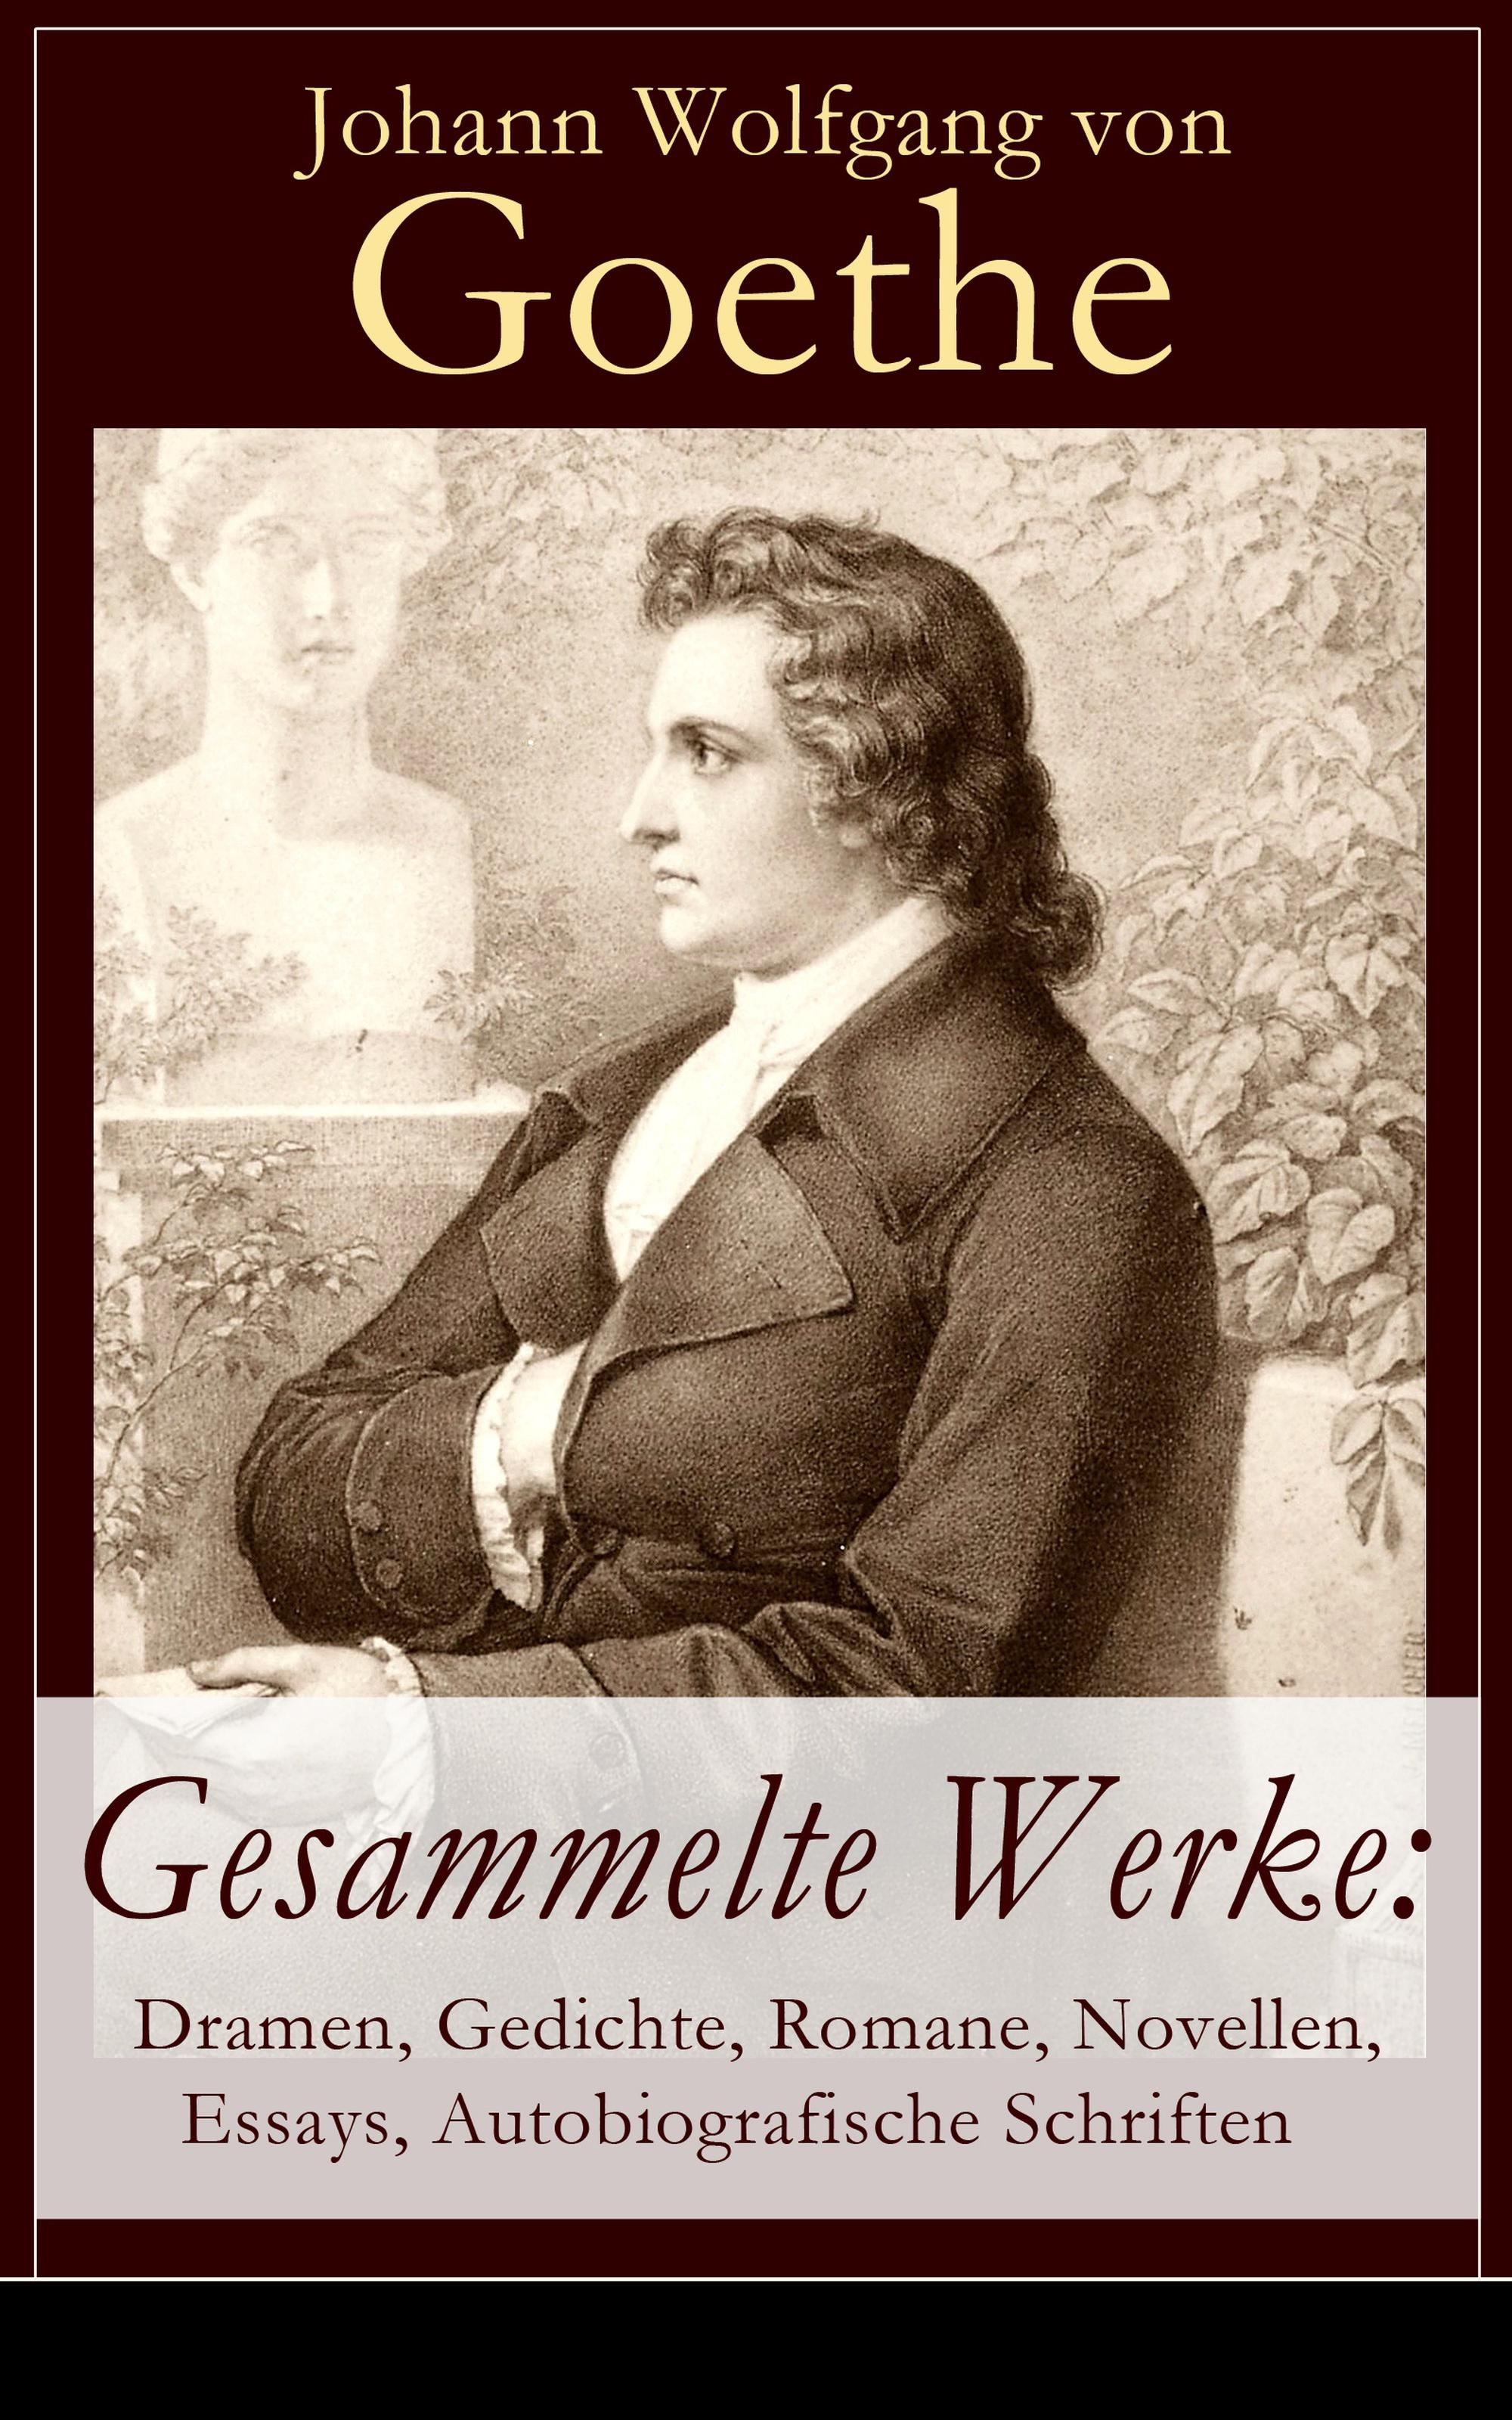 gesammelte werke dramen gedichte romane novellen essays autobiografische schriften